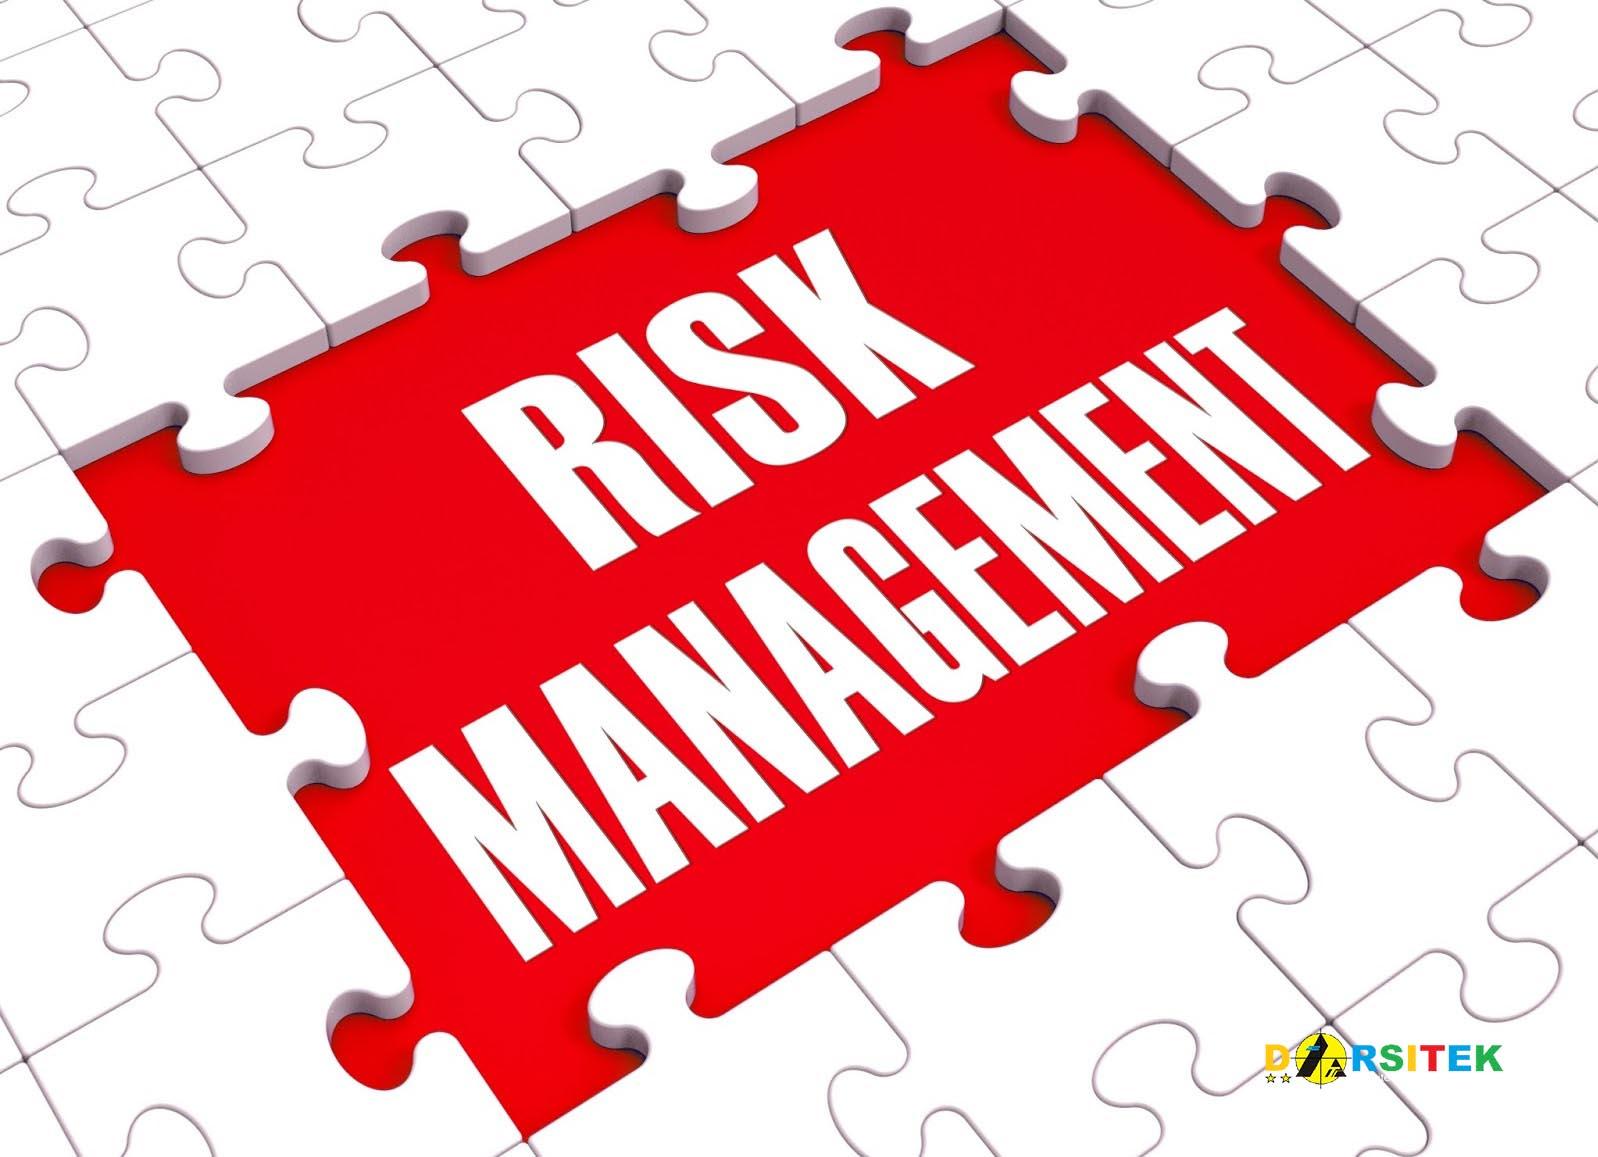 manajemen risiko berjalan efektif